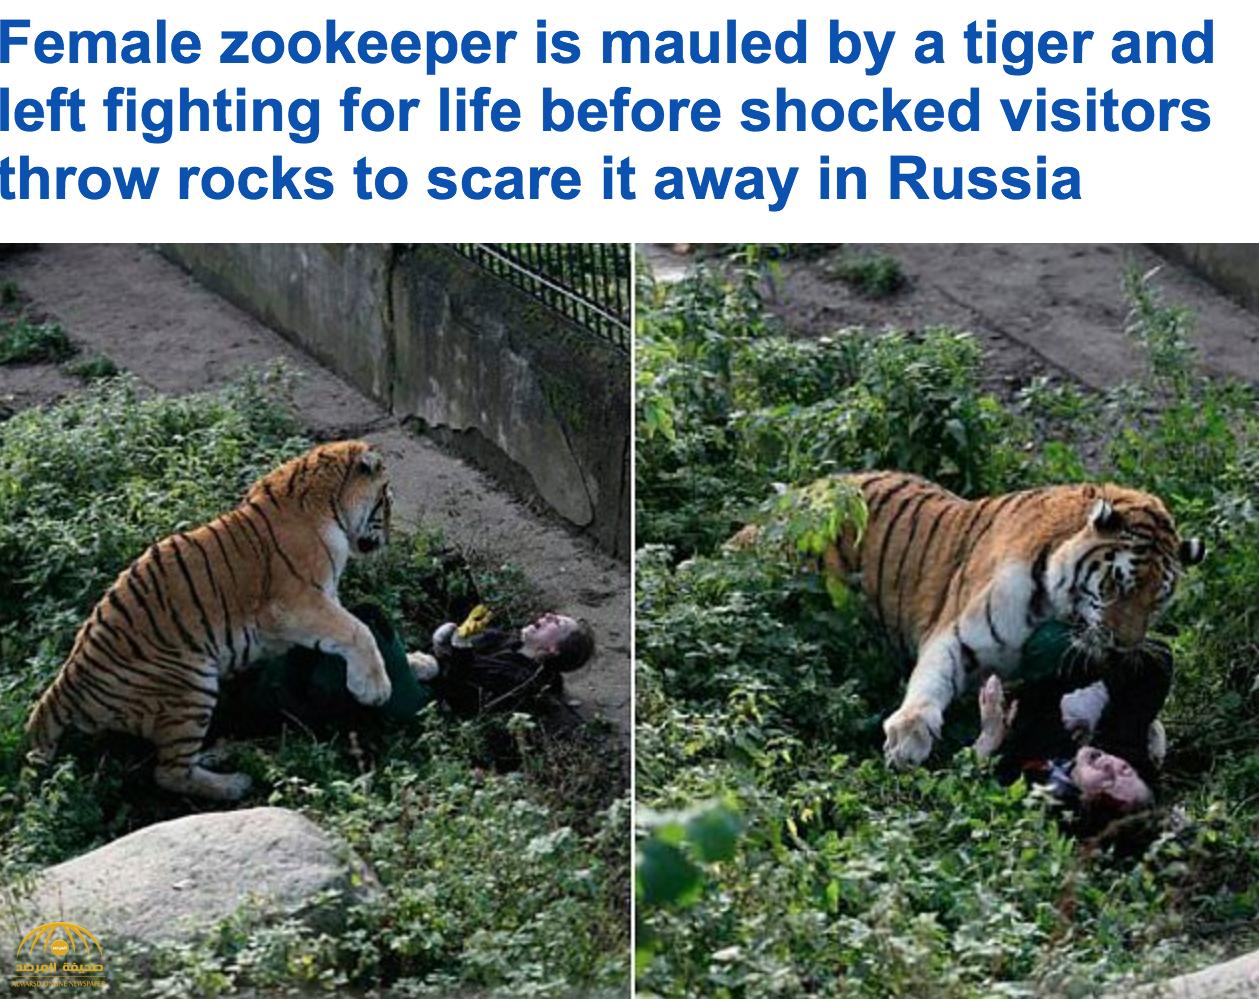 بالصور : نمر ينقض على راعيته الروسية أثناء تقديمها الطعام له و محاولات لانقاذها